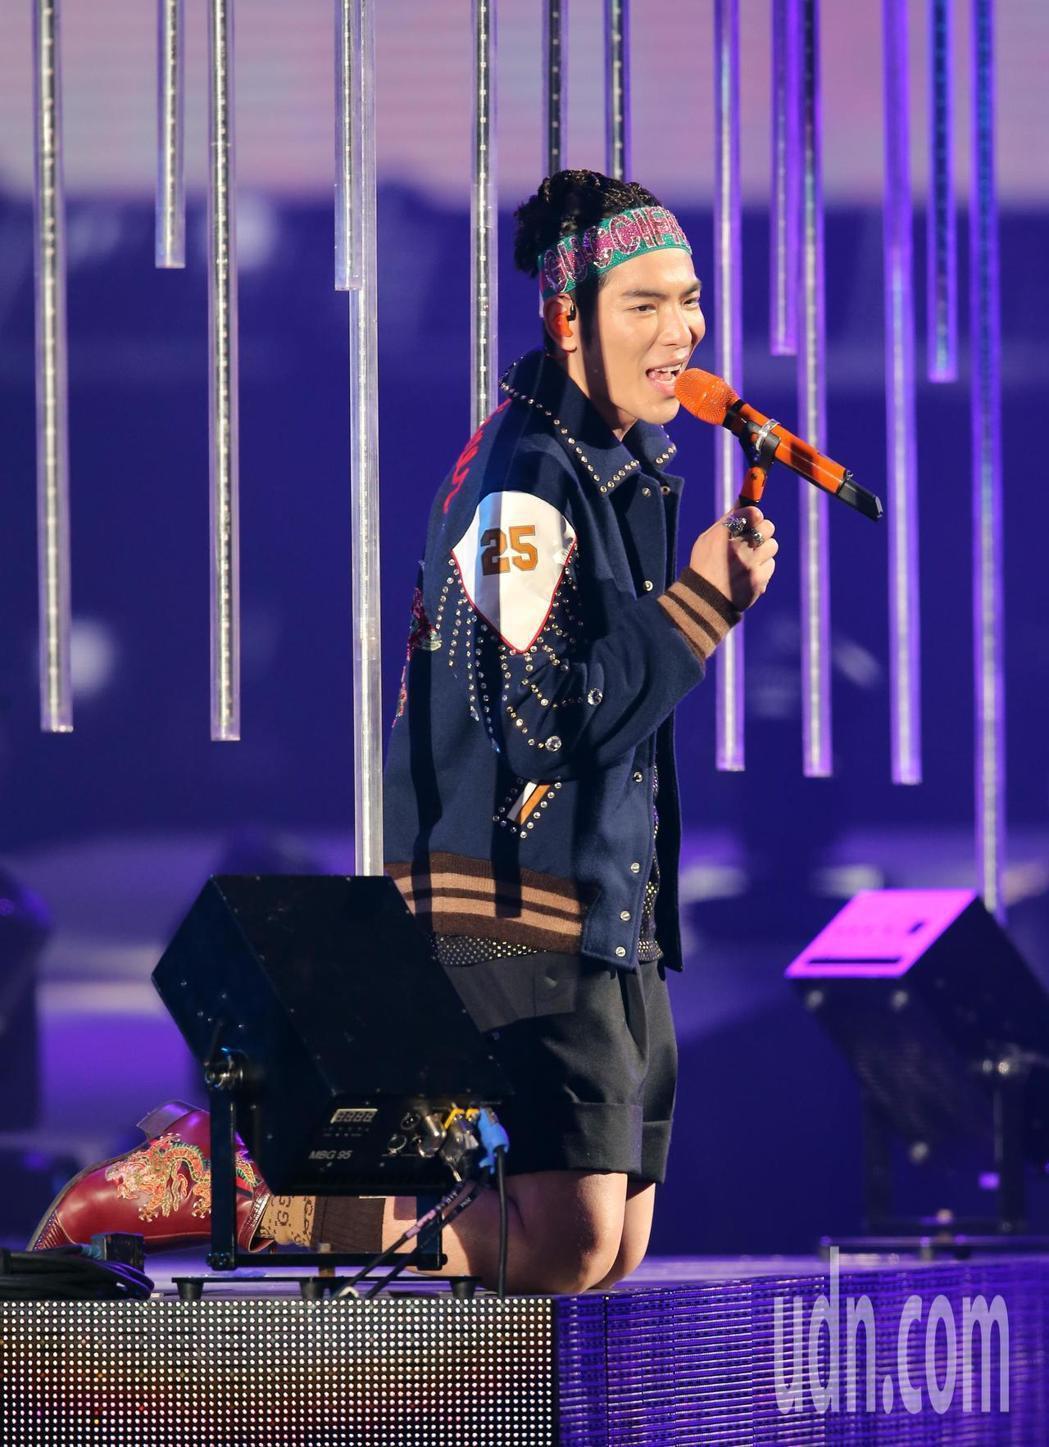 蕭敬騰第四度登上台北小巨蛋舉辦演唱會,跪下來向歌迷唱歌。記者許正宏/攝影